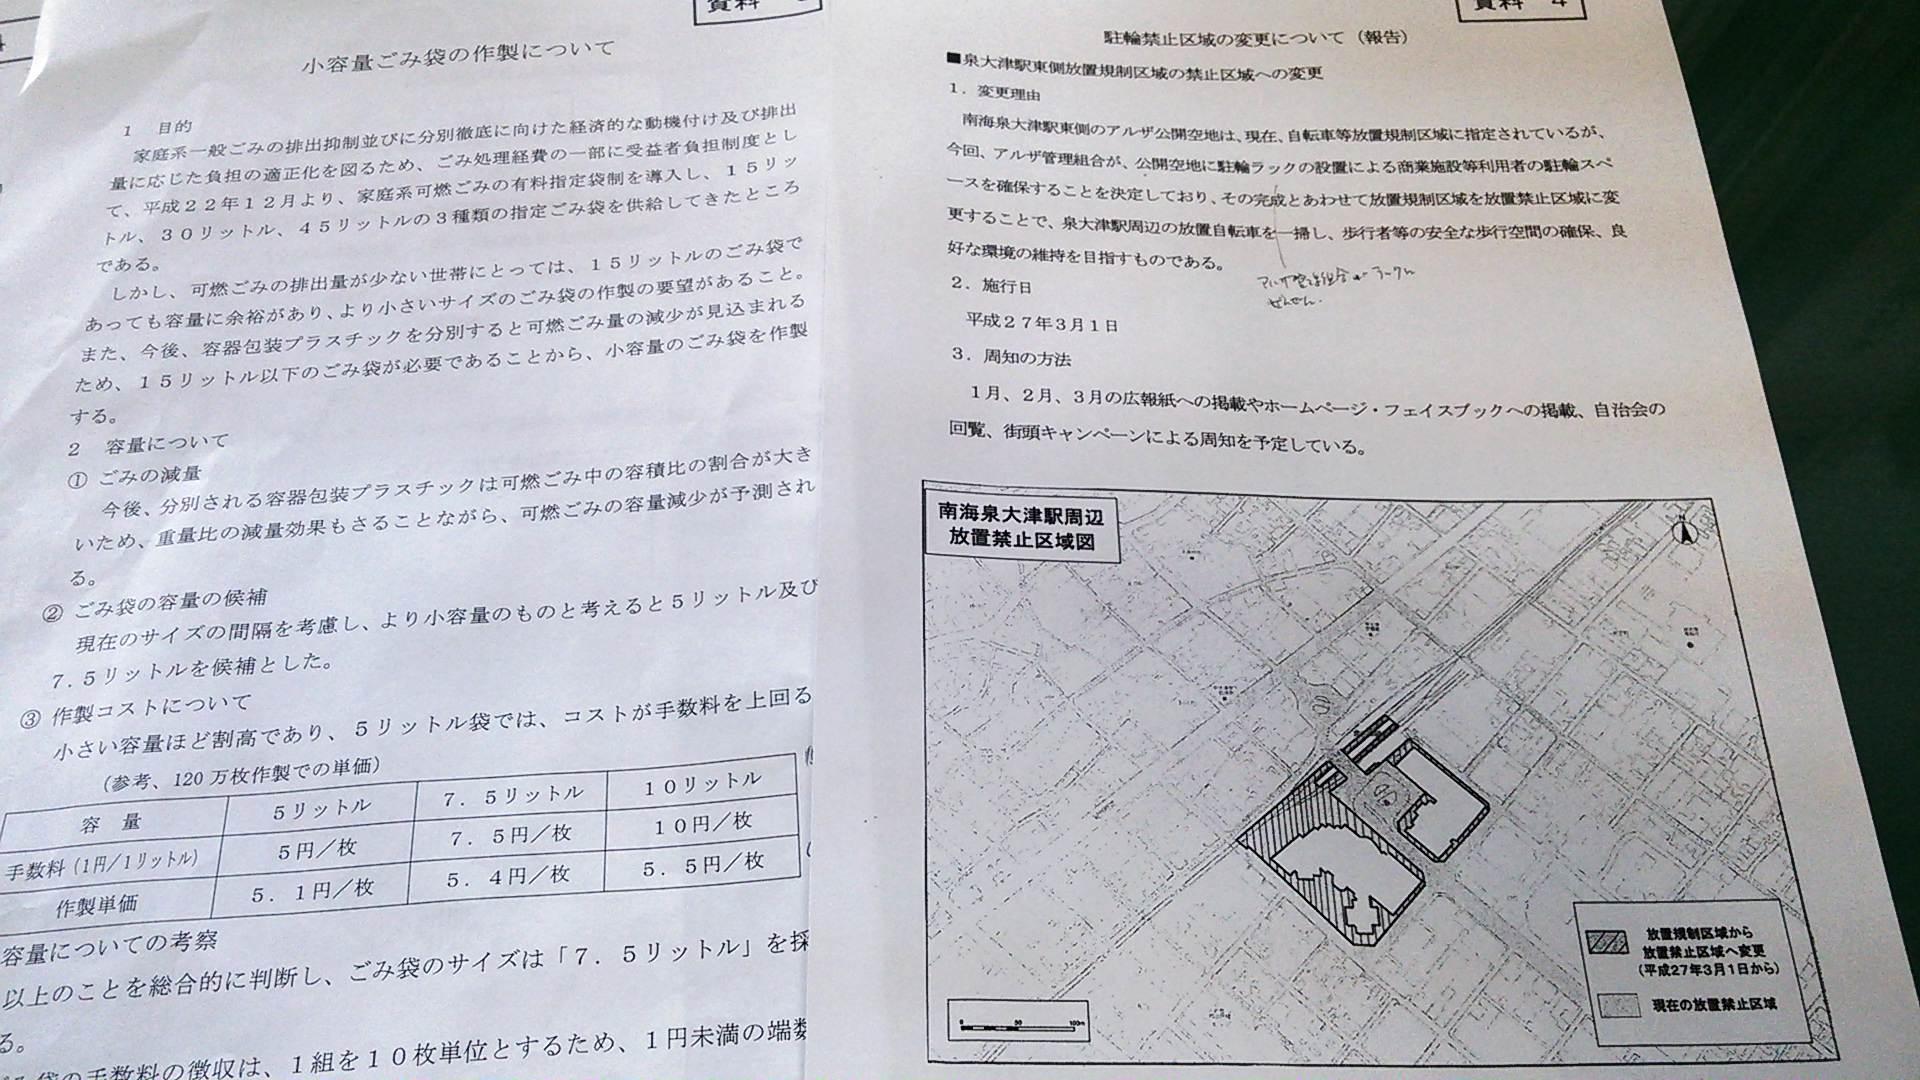 7.5㍑小容量のごみ袋作成と泉大津駅東側の駐輪禁止区域の変更について